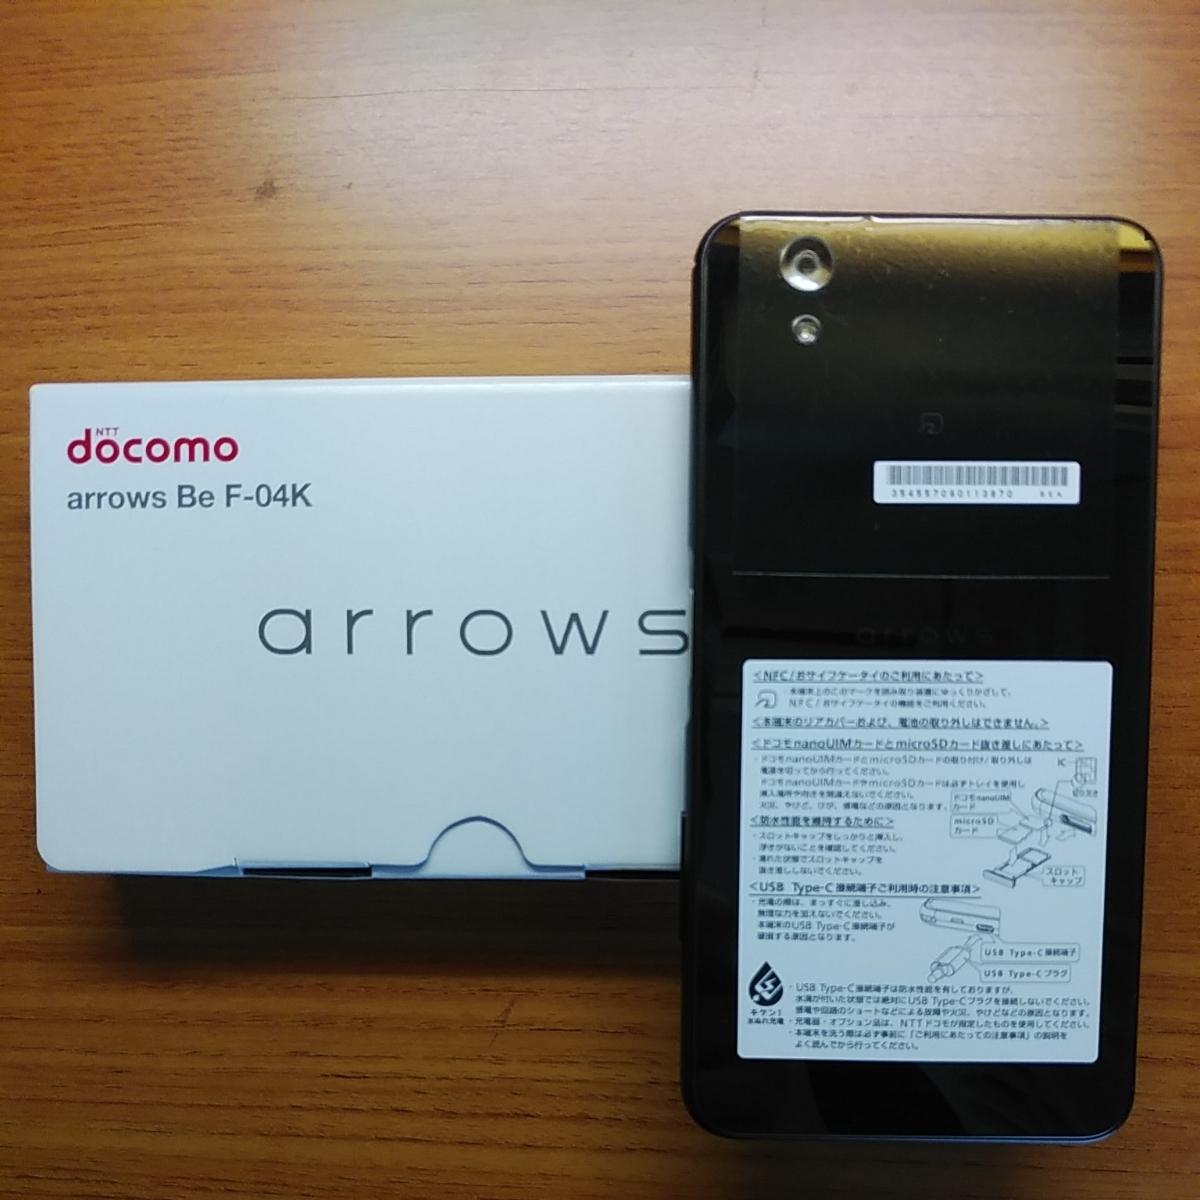 送料無料 黒 SIMロック解除済 新品未使用 ドコモ docomo arrows Be F-04K ブラック_画像2